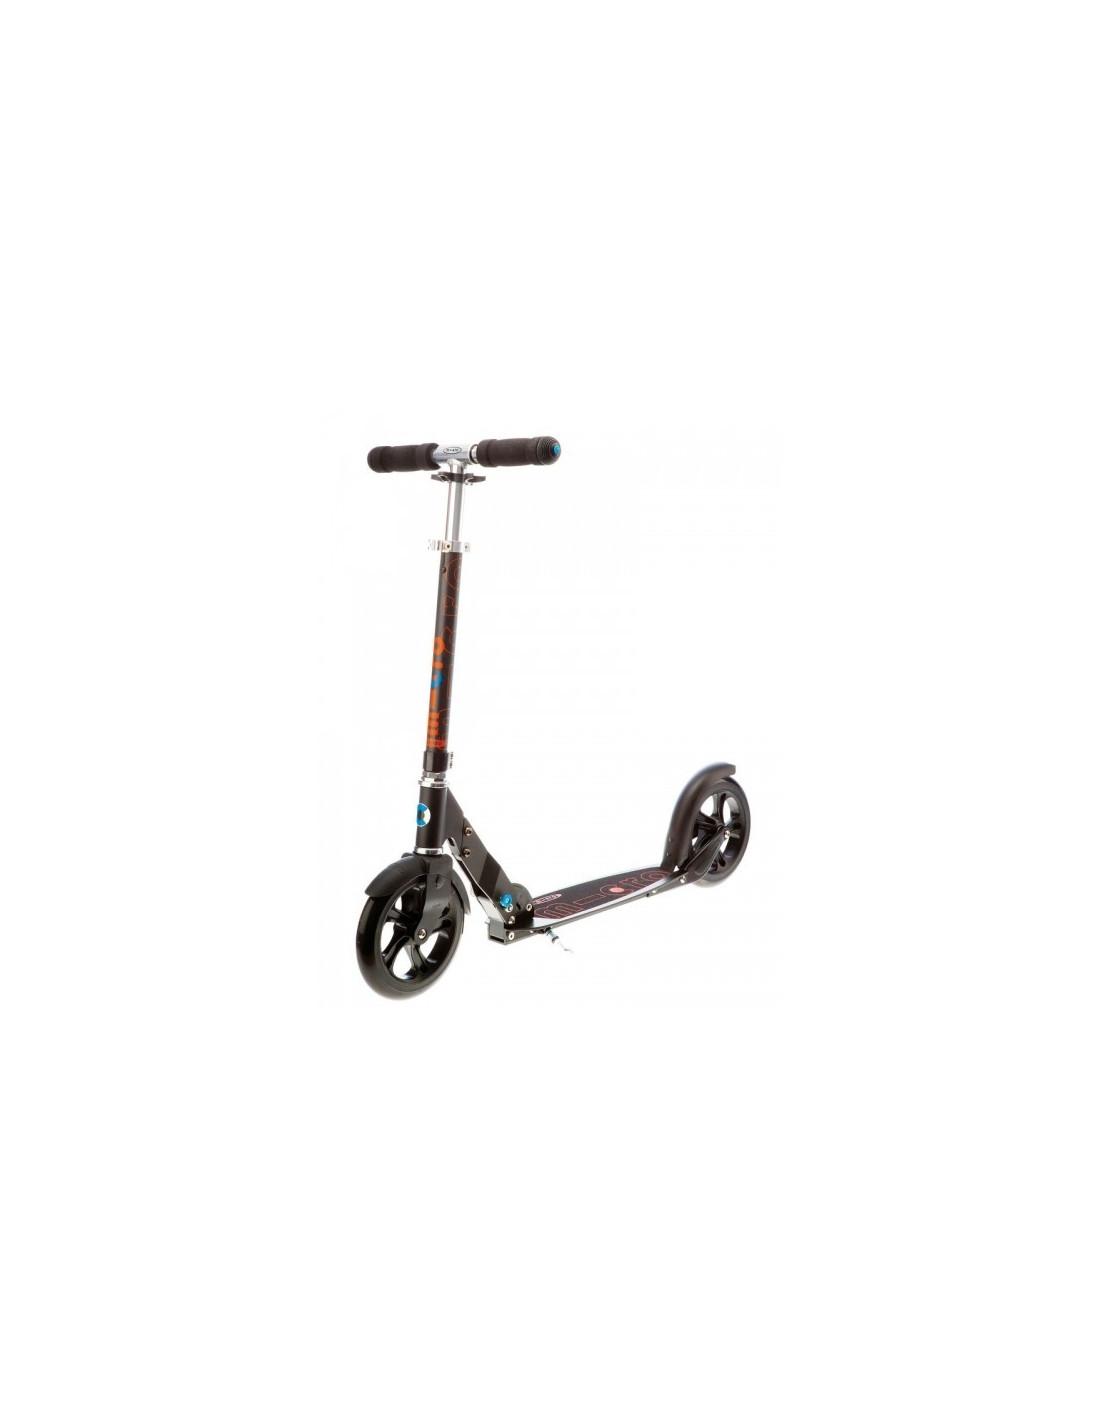 micro scooter black best price on slide in line. Black Bedroom Furniture Sets. Home Design Ideas